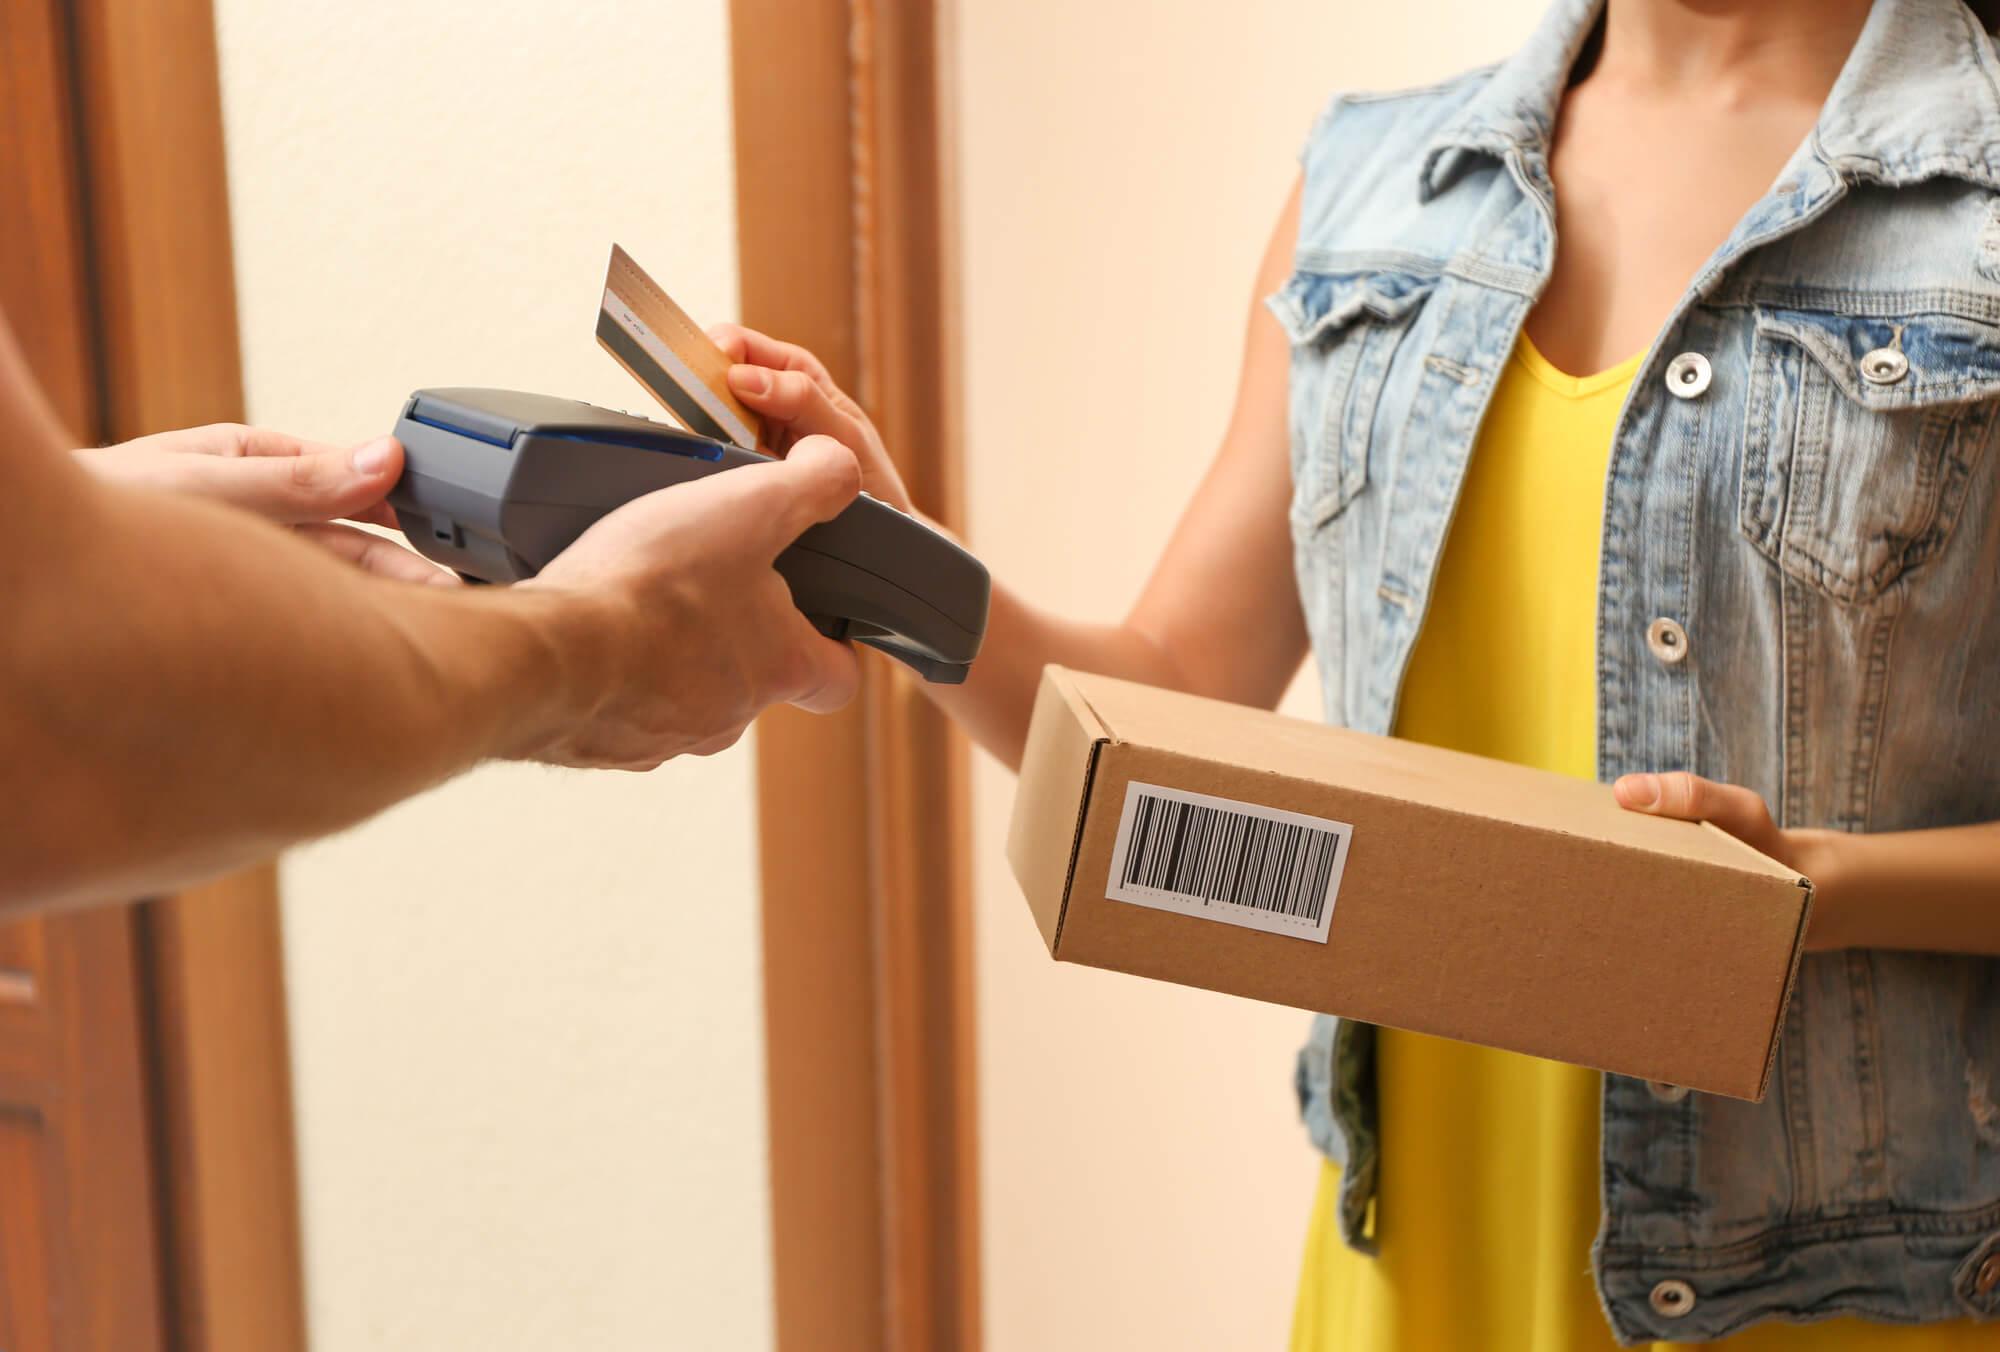 Возврат денег за товар купленный в кредит взять кредит наличными быстро от частных лиц